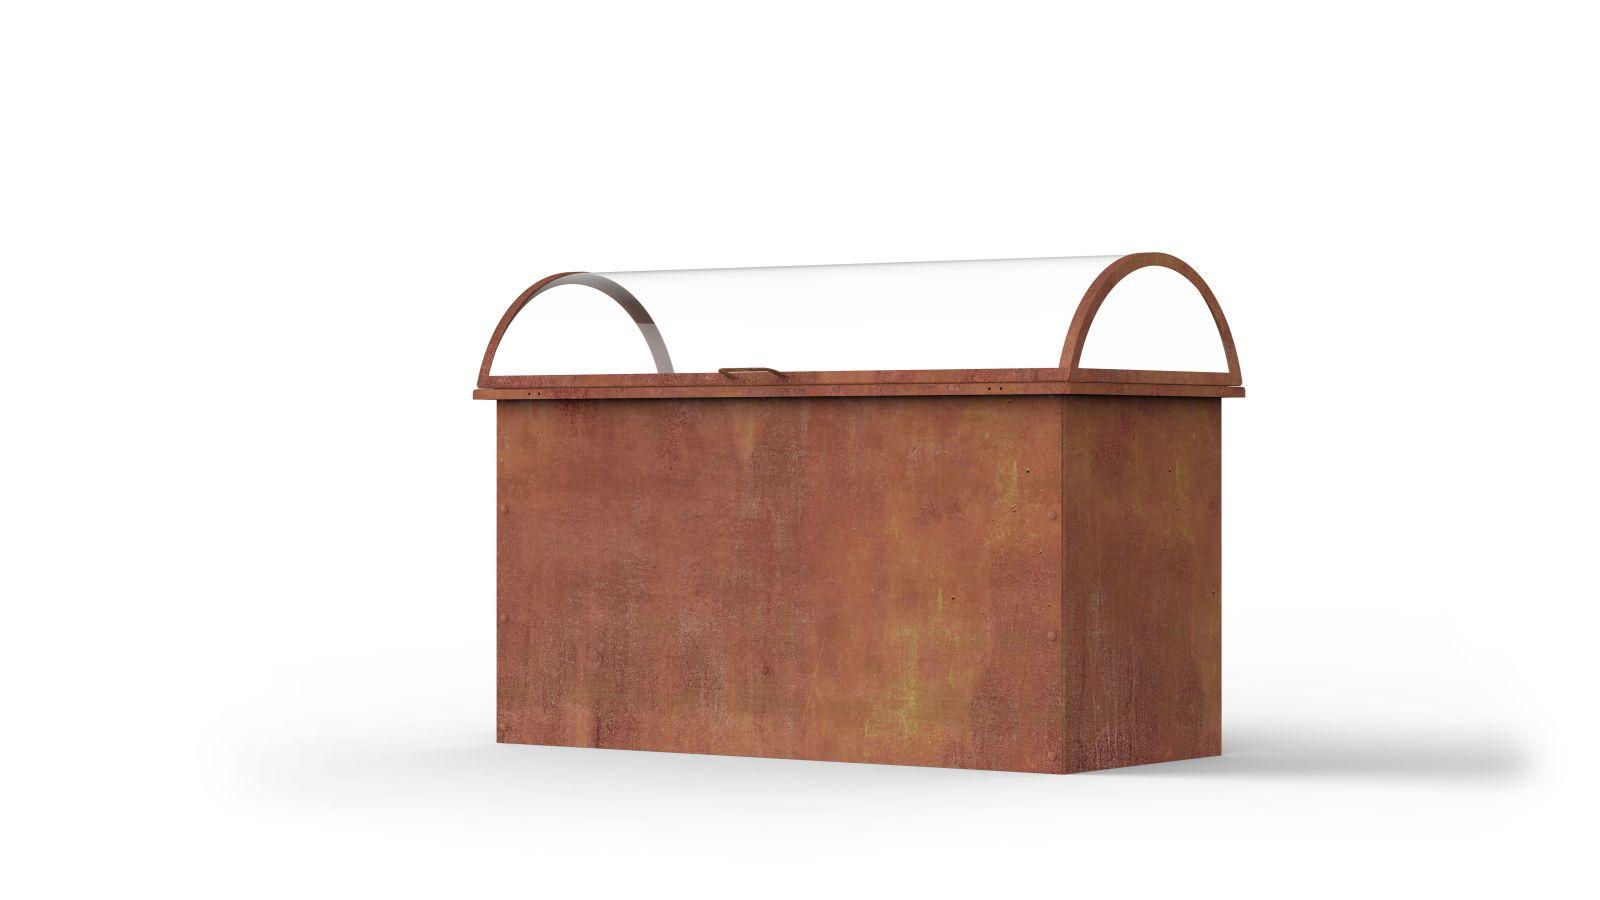 stil funktionalit t qualit t aus sterreich grill garten manufaktur. Black Bedroom Furniture Sets. Home Design Ideas